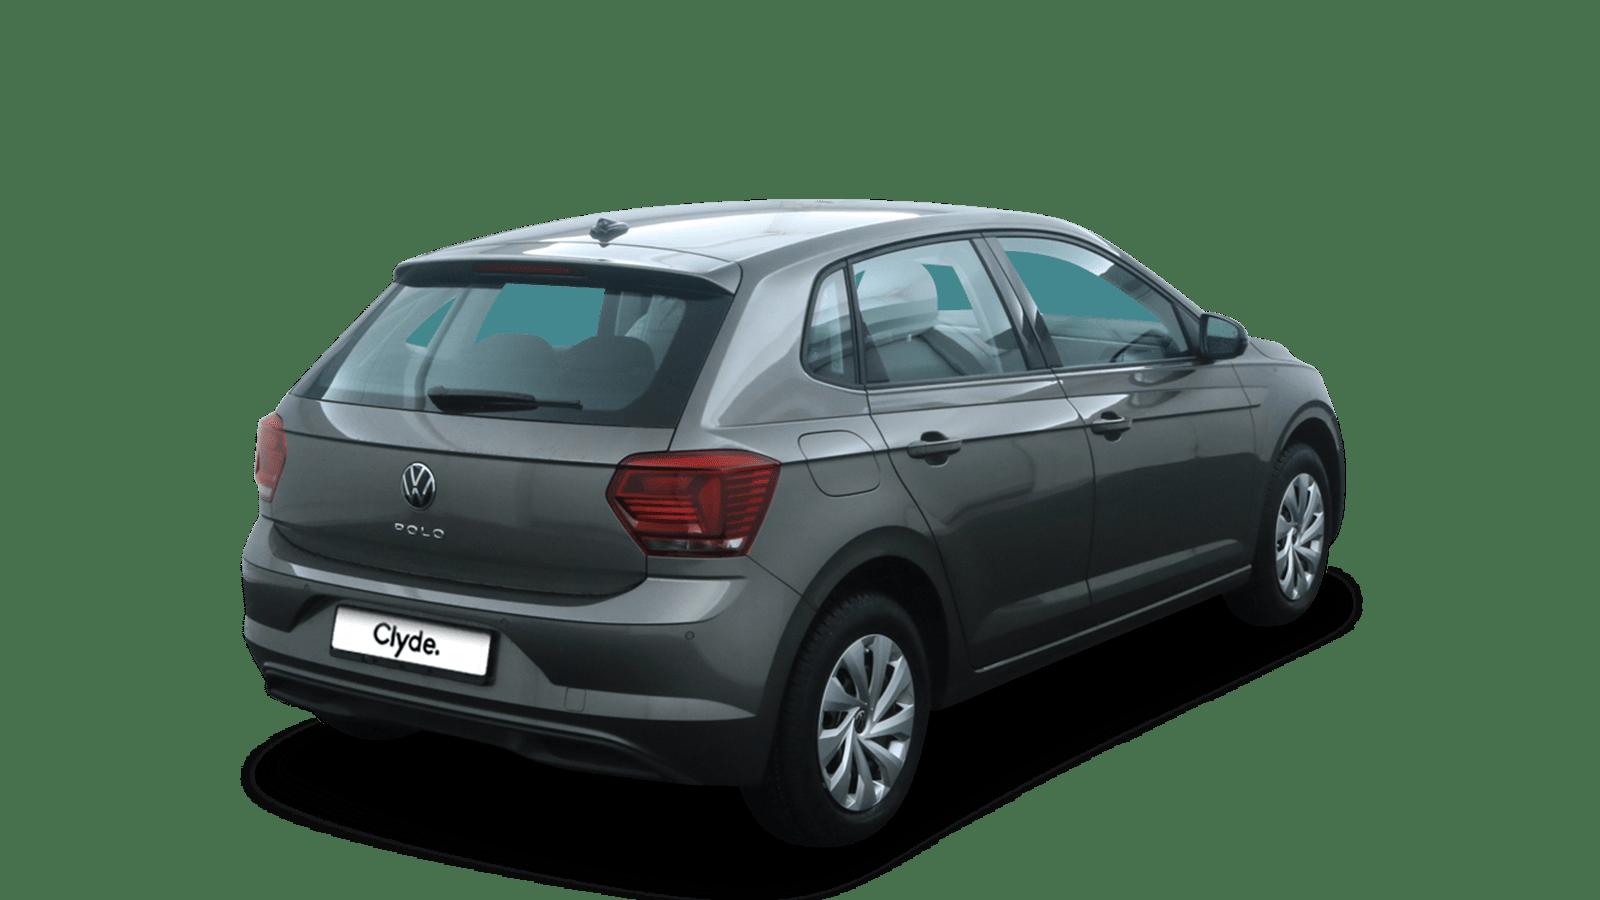 VW Polo Grau rückansicht - Clyde Auto-Abo